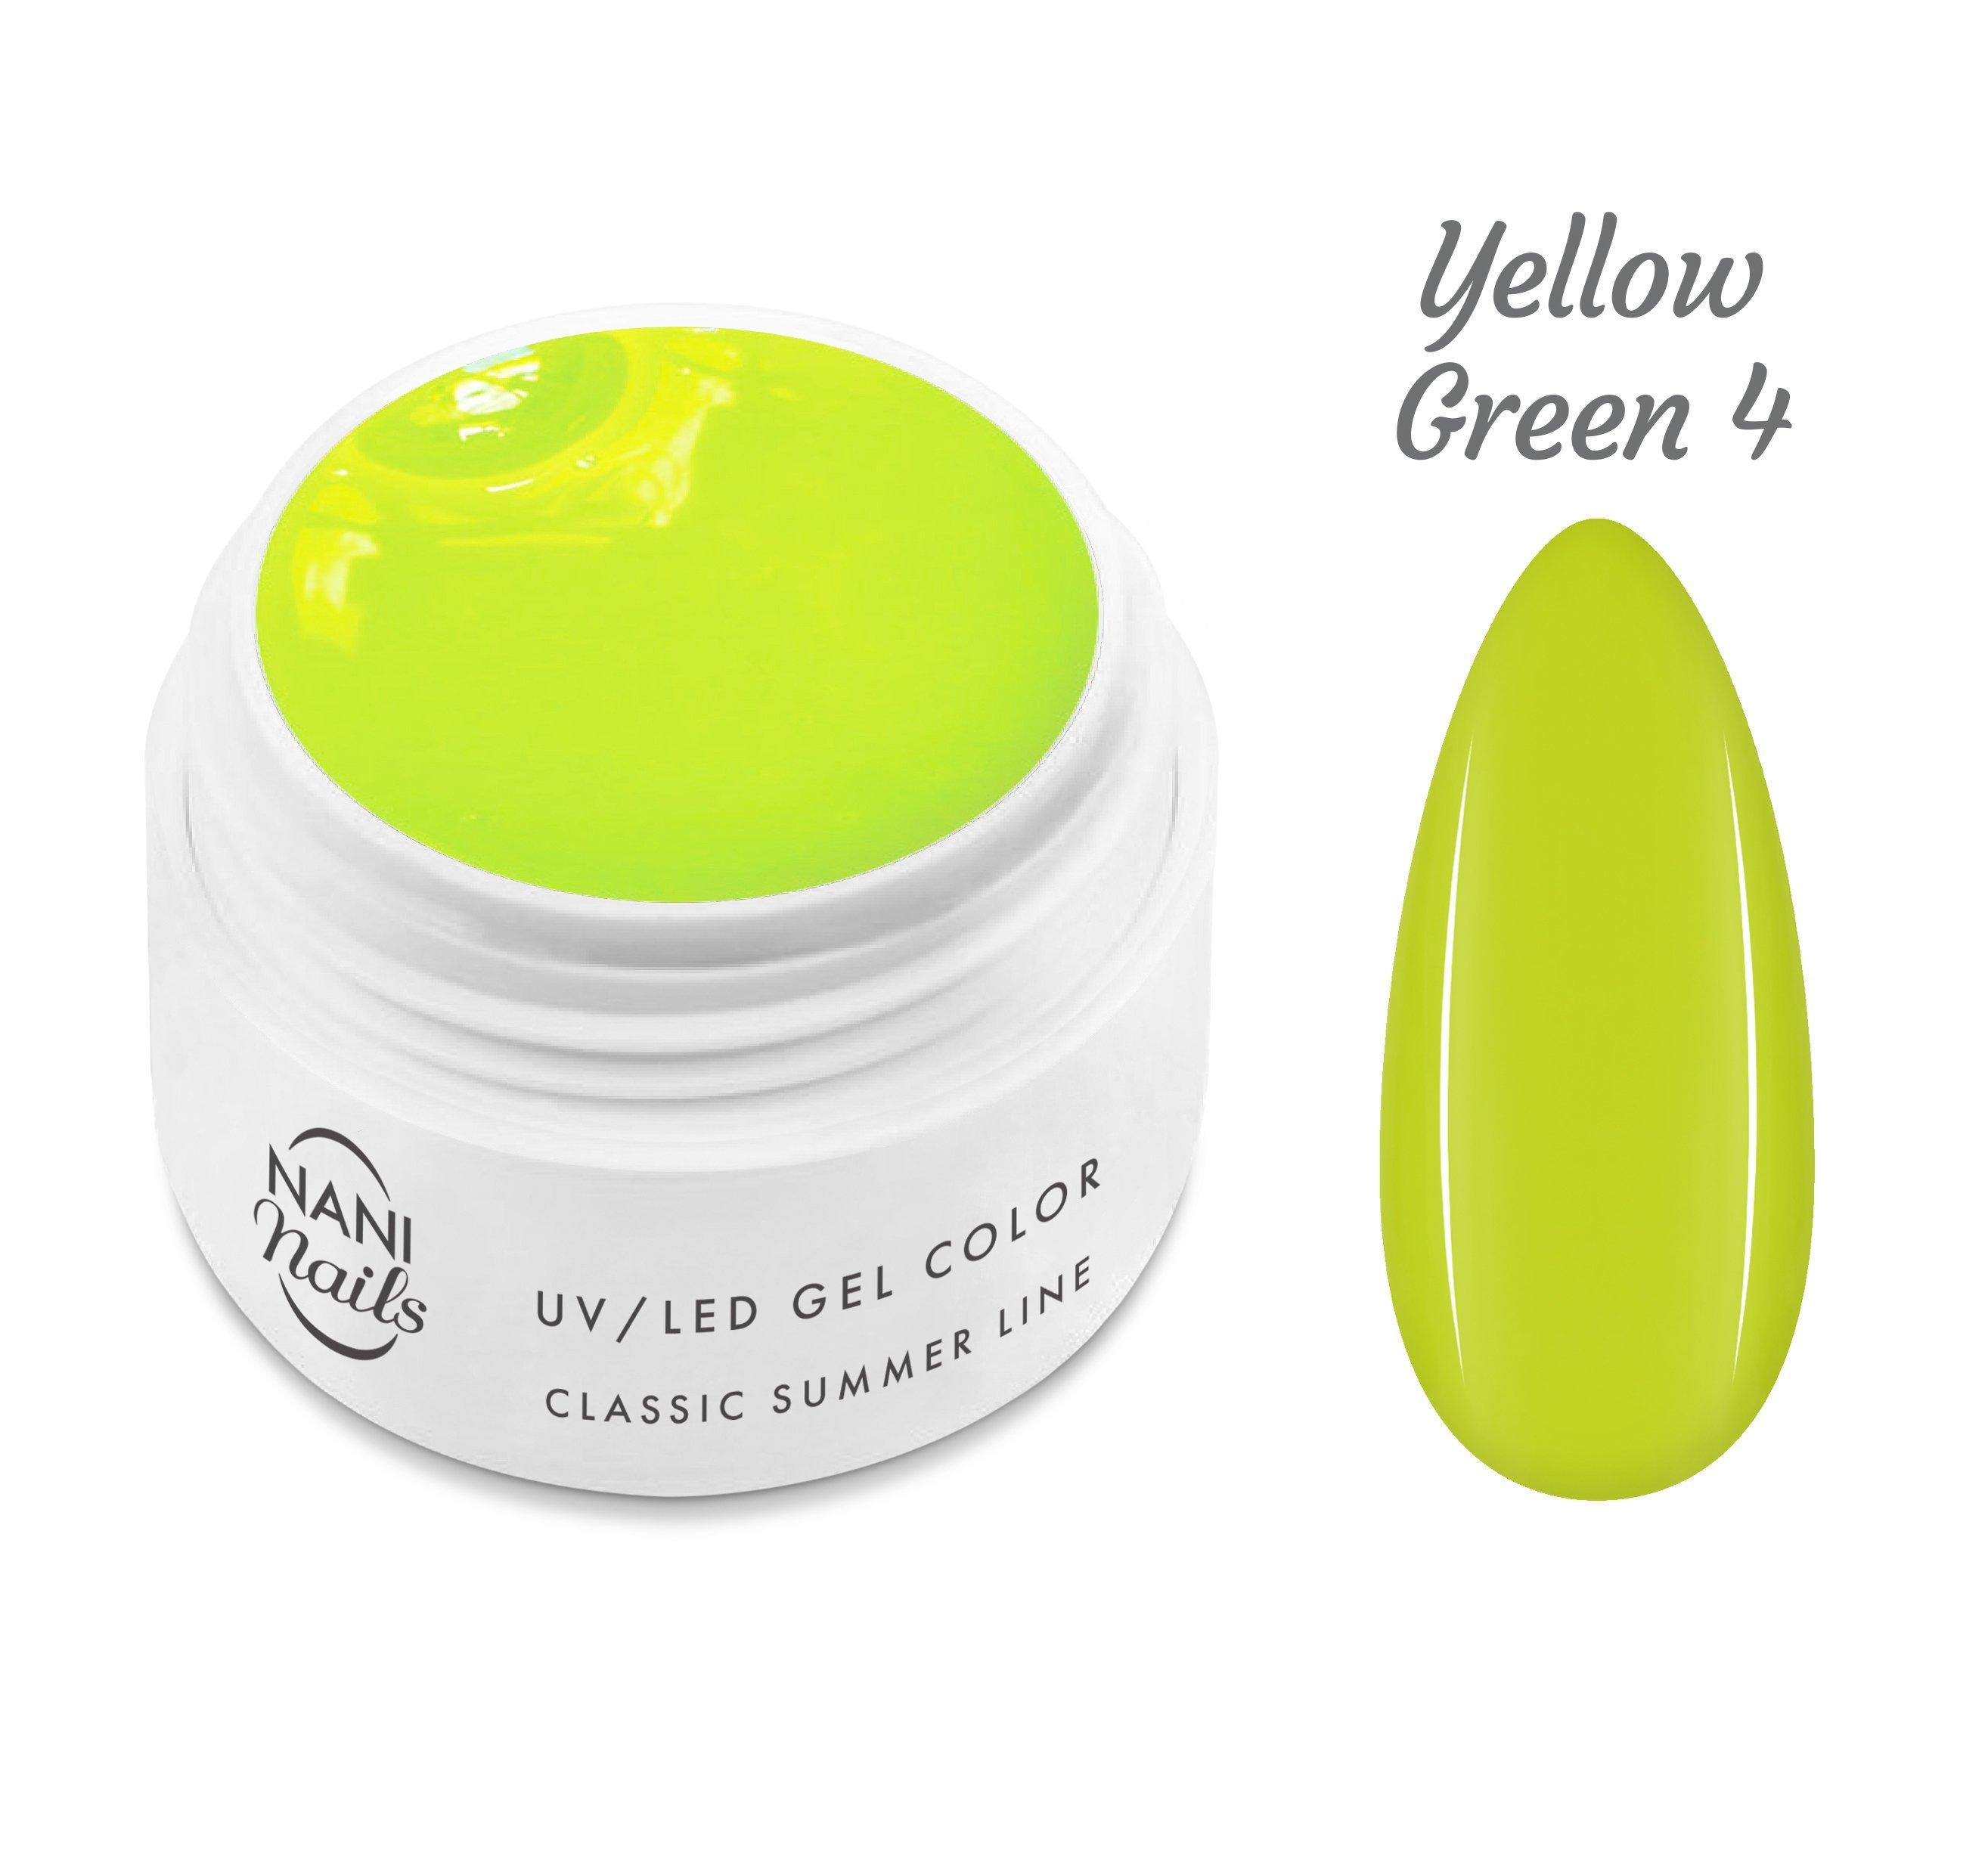 NANI UV gél Classic Summer Line 5 ml - Yellow Green